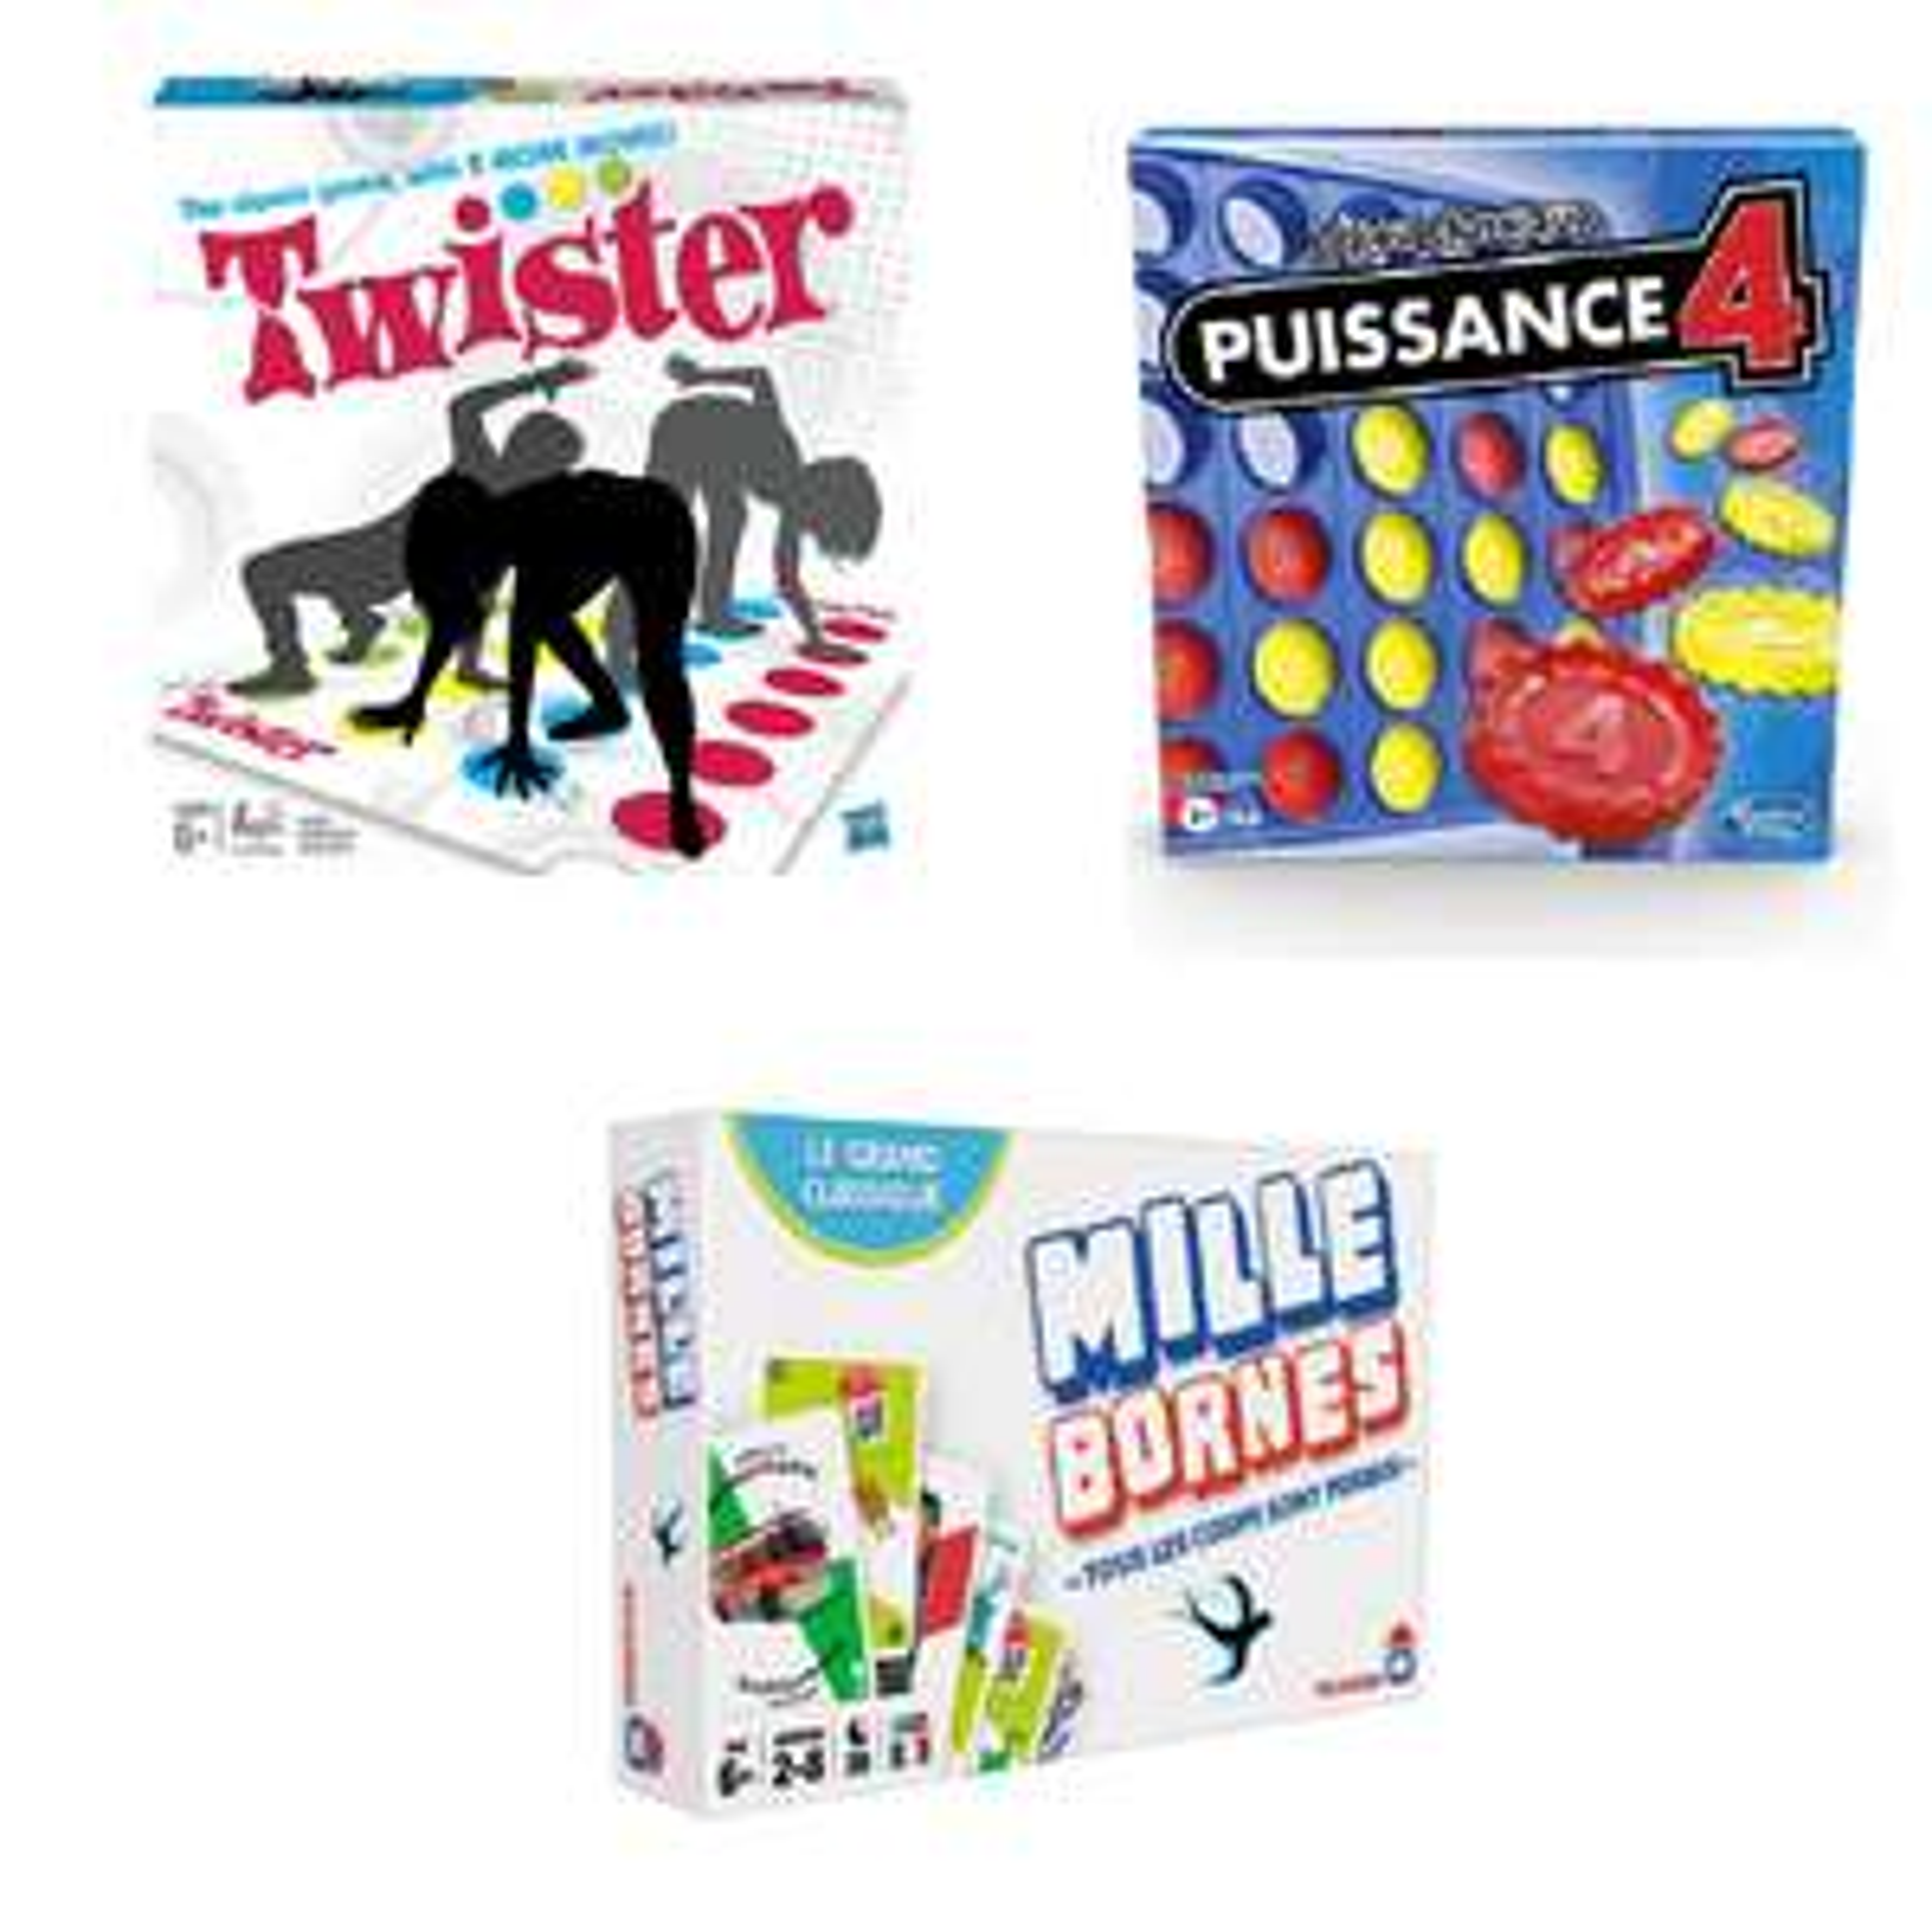 2 jeux de société achetés parmi une sélection = le 3e offert (le moins cher) - Ex : Twister + Puissance 4 + Mille Bornes